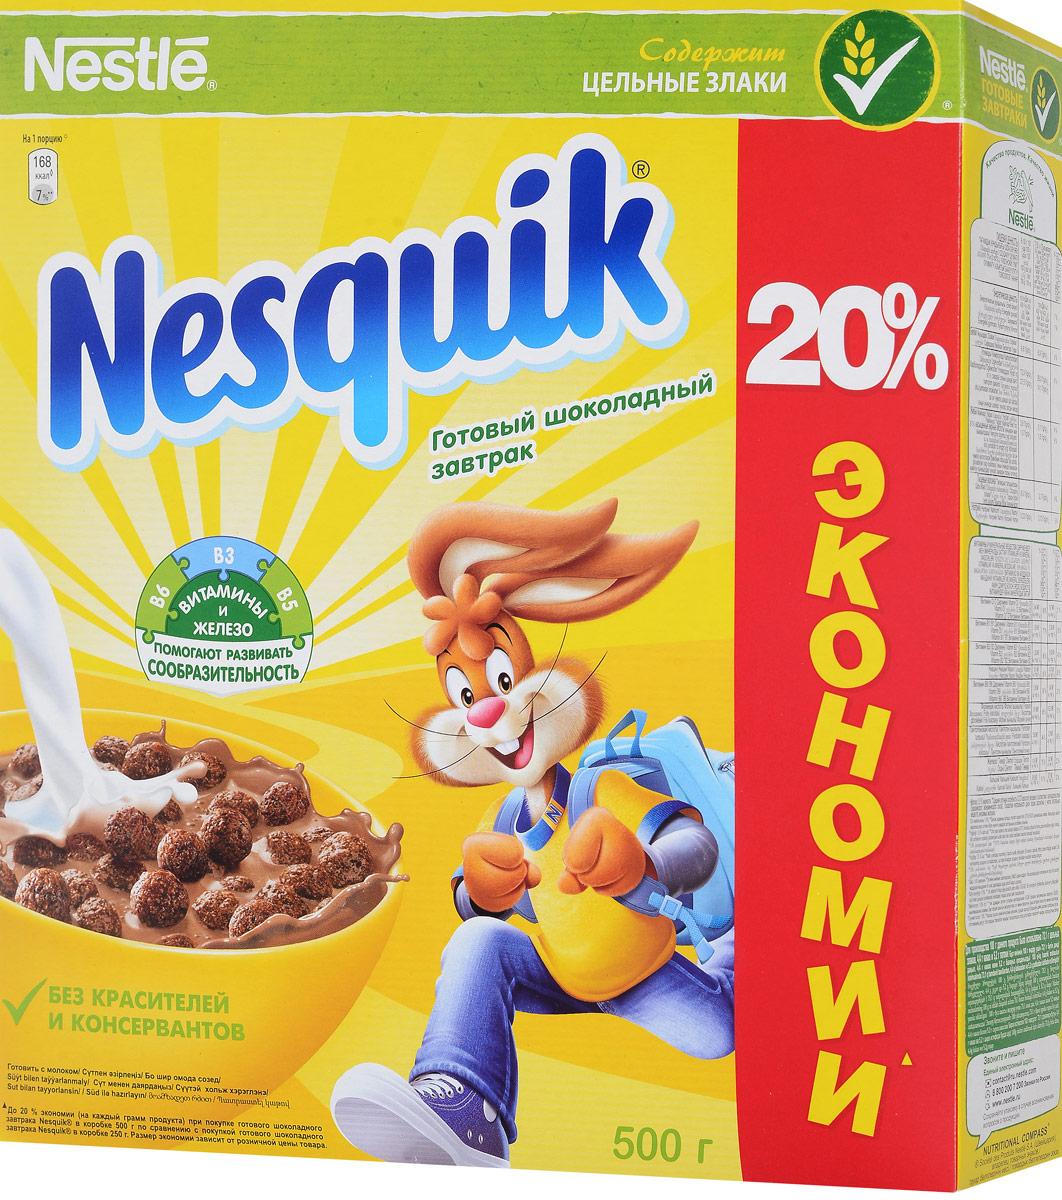 Nestle Nesquik Шоколадные шарики готовый завтрак, 500 г0120710Готовый завтрак Nestle Nesquik Шоколадные шарики - такой вкусный и невероятно шоколадный завтрак! Тарелка полезного для здоровья готового завтрака Nesquik в сочетании с молоком - это прекрасное начало дня. В состав готового завтрака Nesquik входят цельные злаки (природный источник клетчатки), а также он обогащен 7 витаминами, железом и кальцием, которые помогают расти здоровым и умным. Какао - секрет волшебного шоколадного вкуса Nesquik, который так нравится детям. Дети любят готовый завтрак Nesquik за чудесный шоколадный вкус, а мамы - за его пользу.Рекомендуется употреблять с молоком, кефиром, йогуртом или соком.Уважаемые клиенты! Обращаем ваше внимание на то, что упаковка может иметь несколько видов дизайна. Поставка осуществляется в зависимости от наличия на складе.